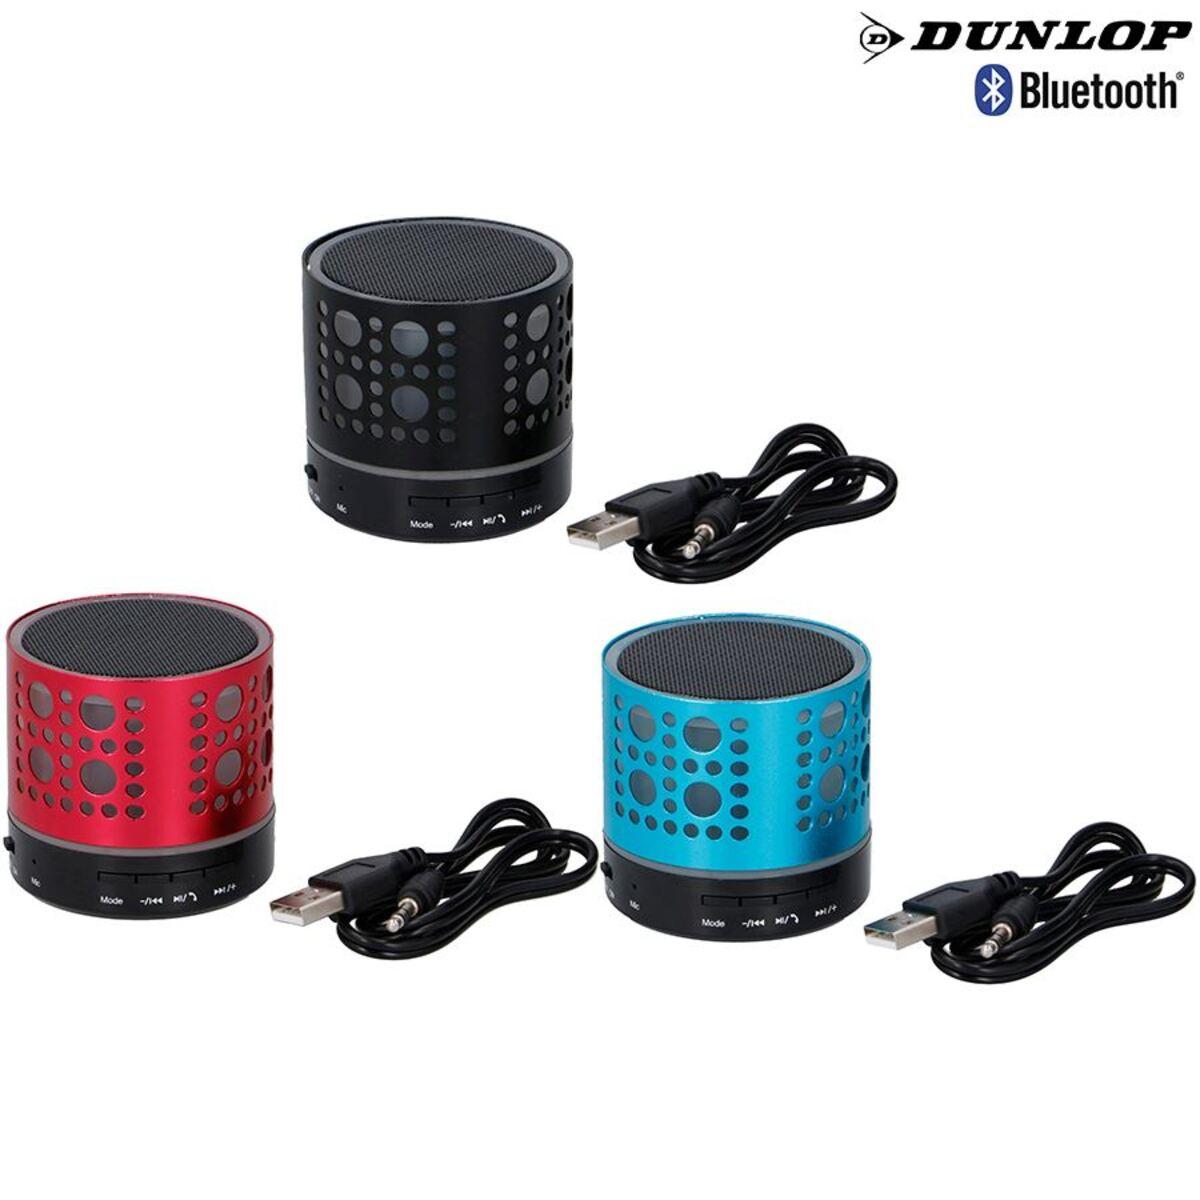 Bild 1 von Dunlop Bluetooth-Lautsprecher mit LED-Beleuchtung 3W